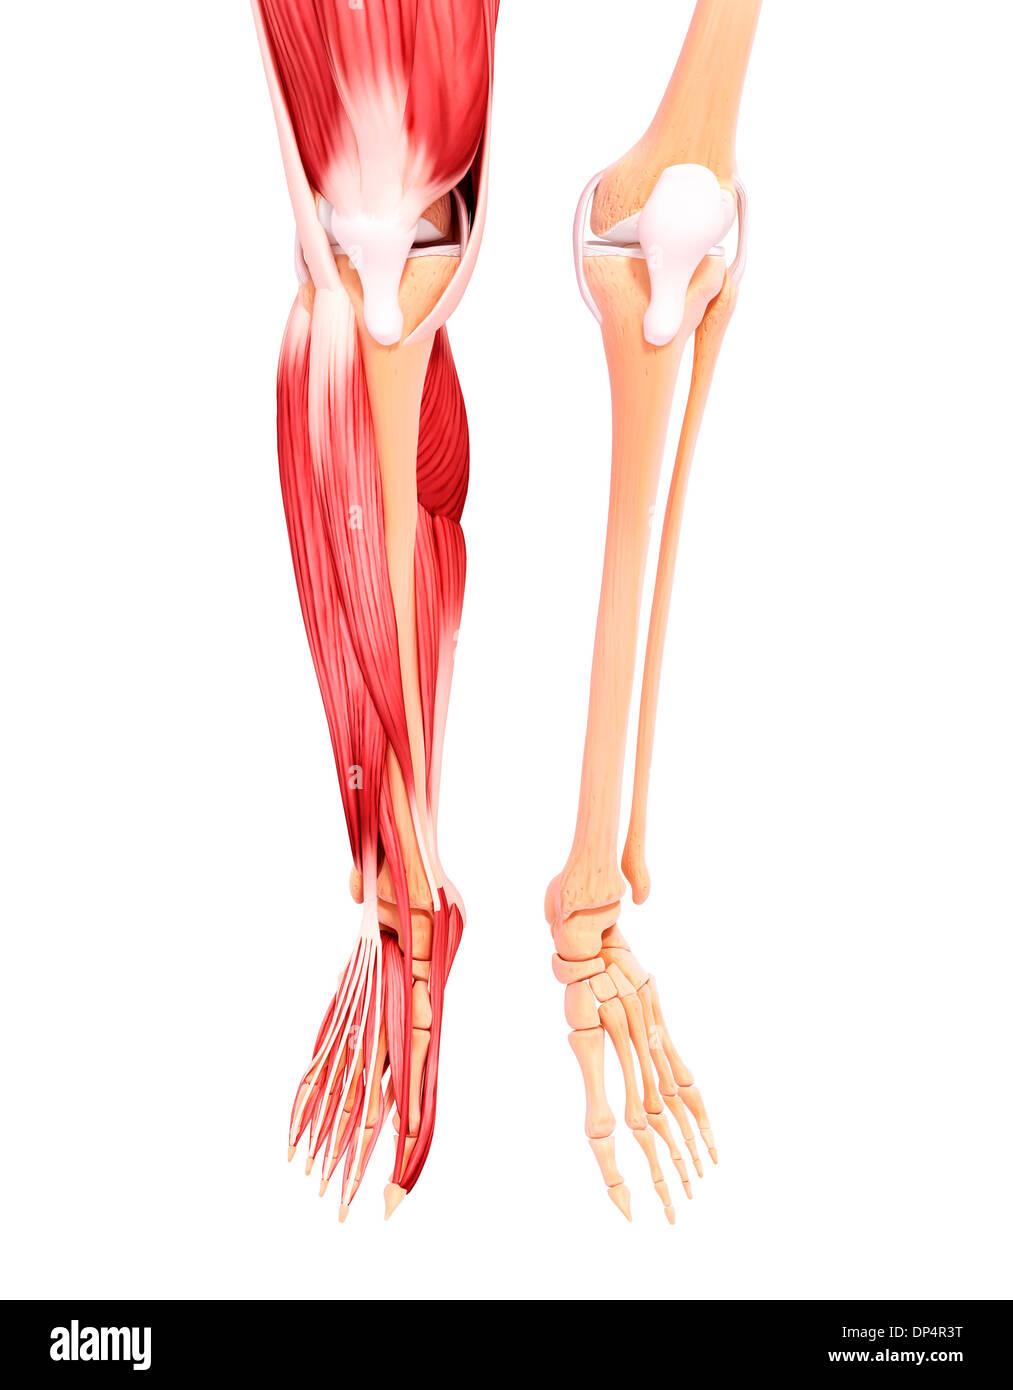 Nett Beinmuskulatur Diagramm Fotos - Menschliche Anatomie Bilder ...